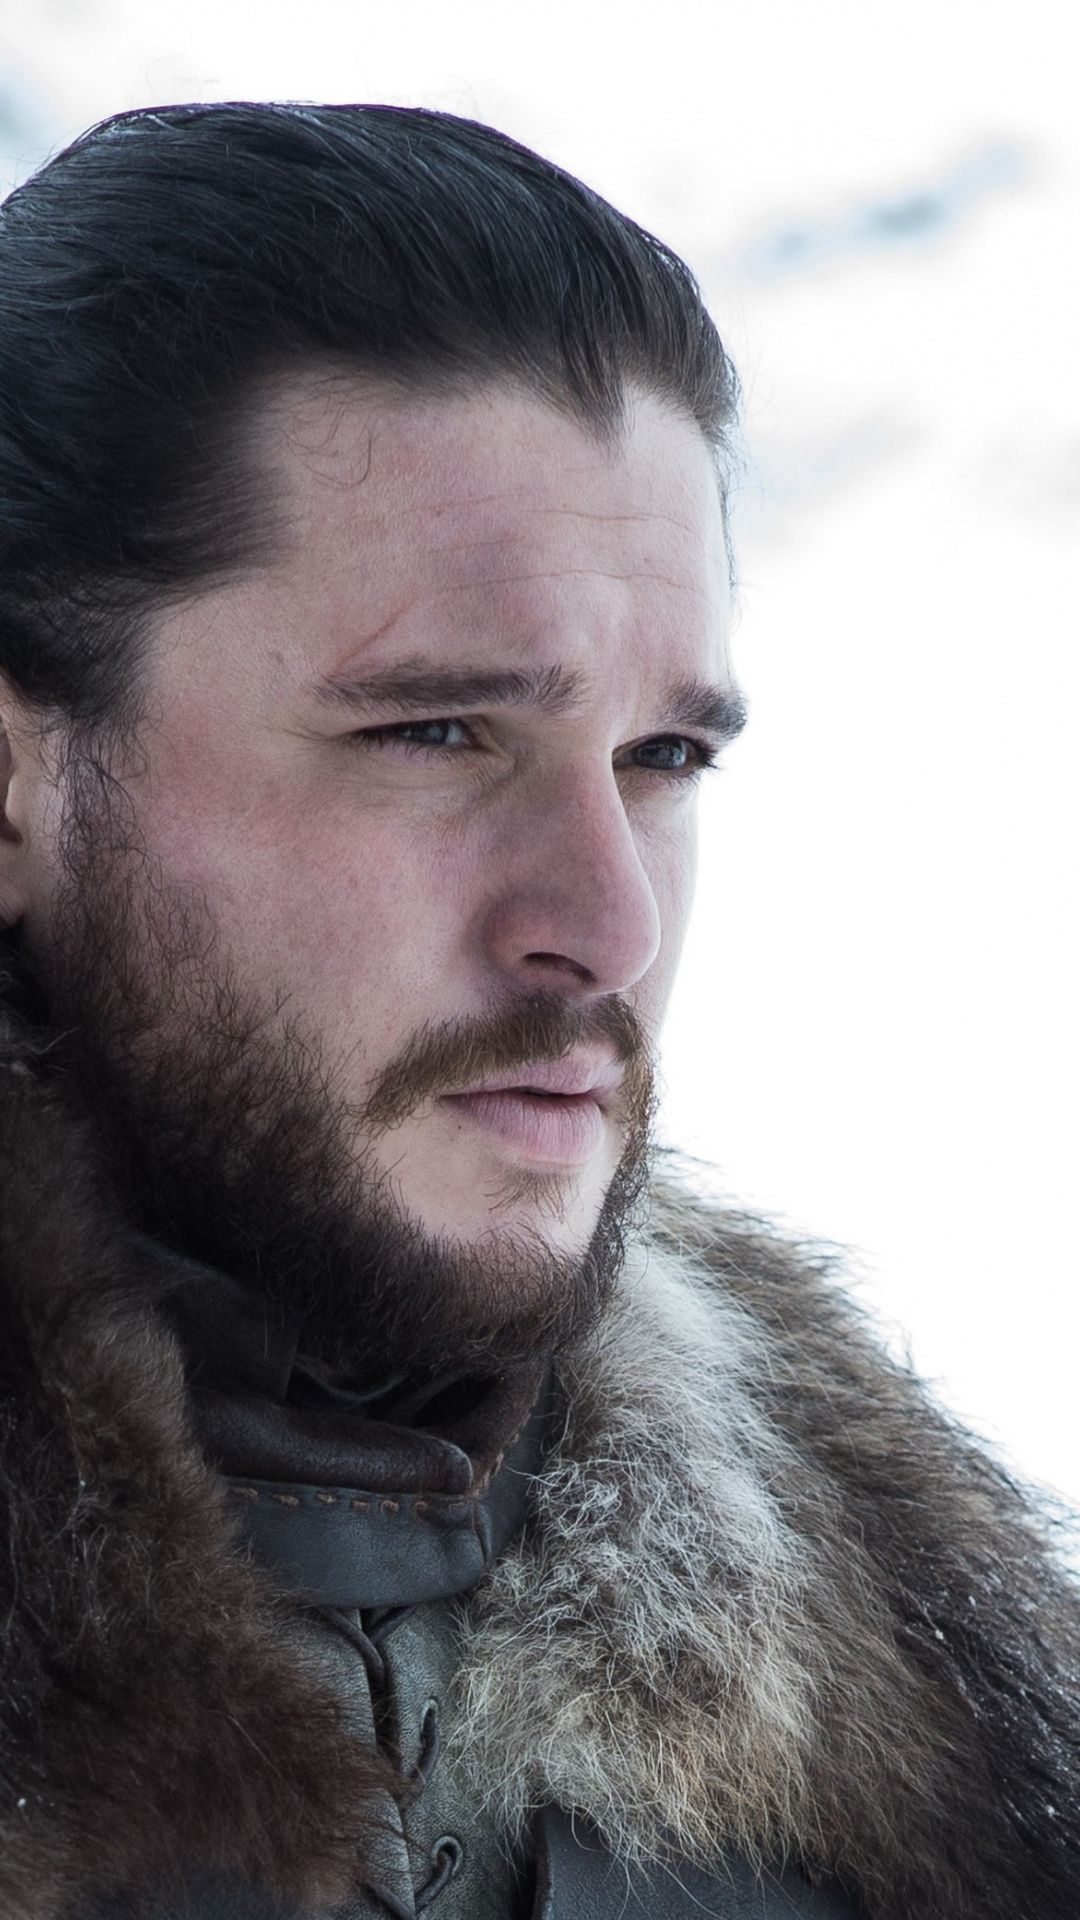 1080x1920 Jon Snow Kit Harington Season 8 Game Of Thrones 2019 Wallpaper Jon Snow Kit Harington Got Memes